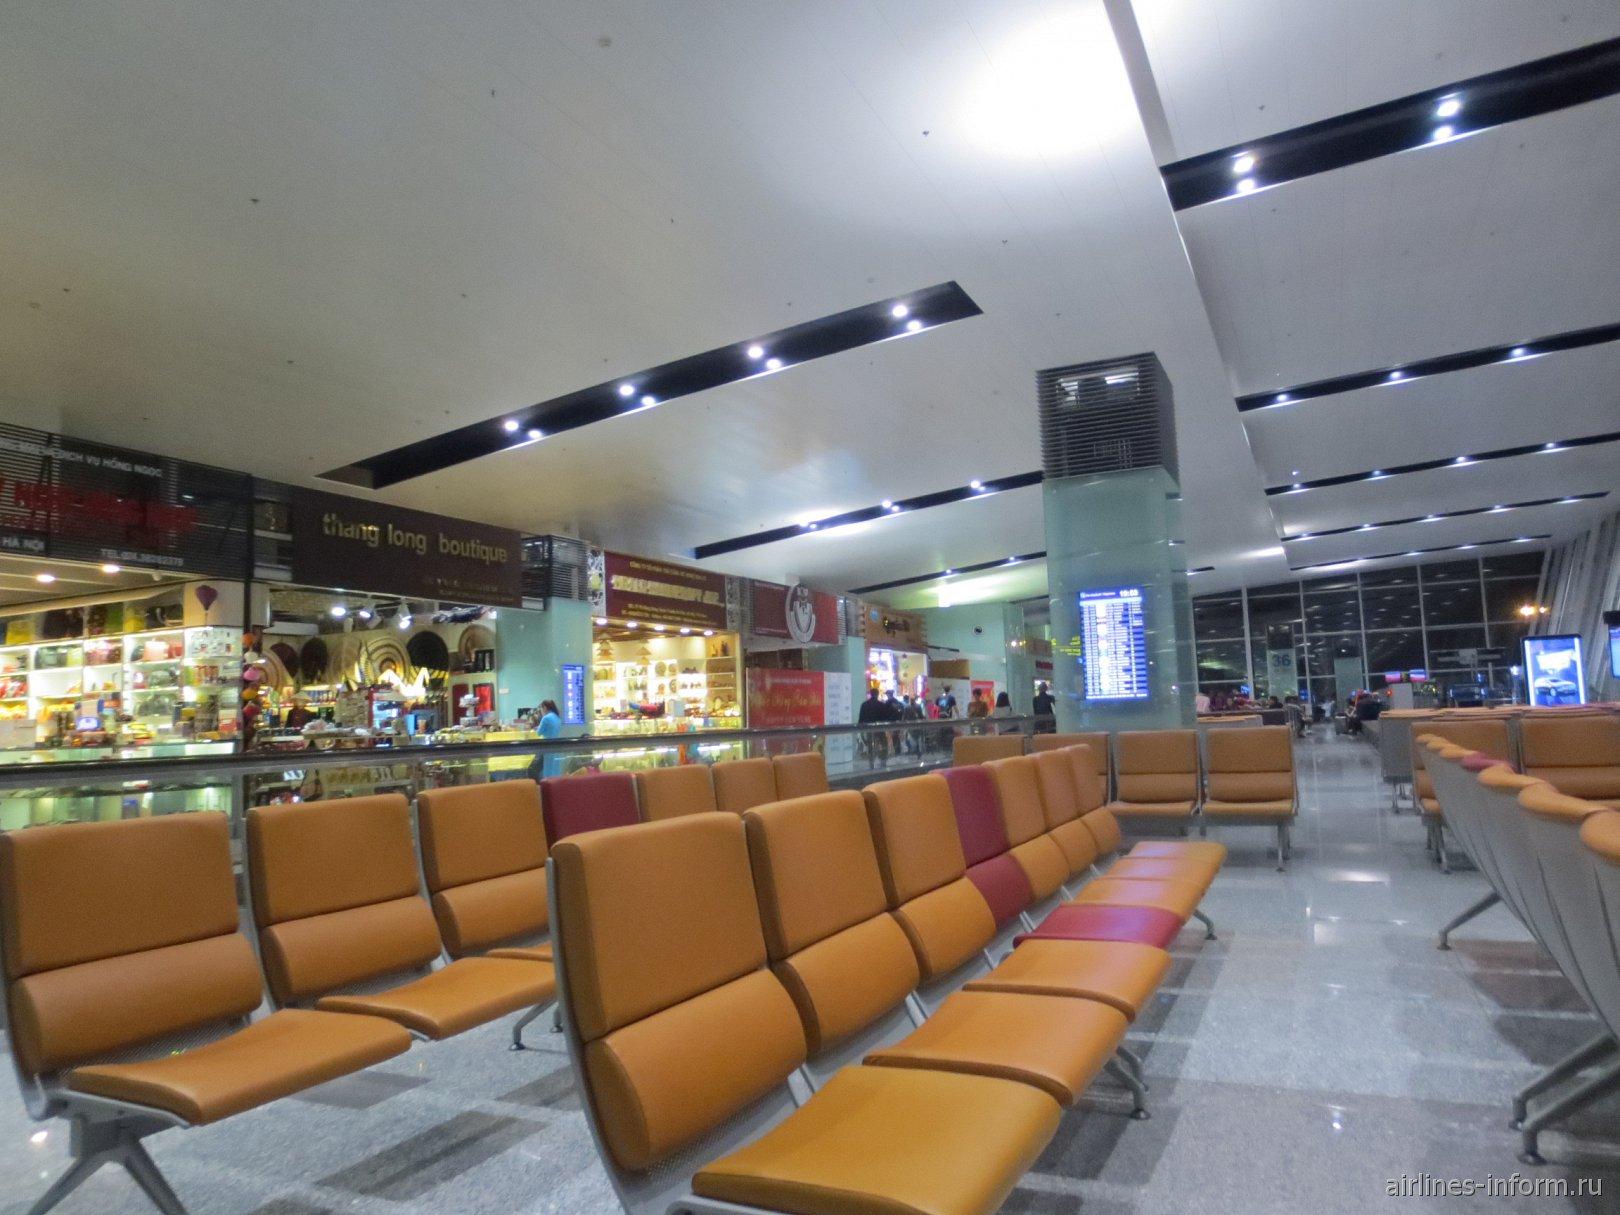 Зал ожидания в чистой зоне аэропорта Ханой Ной Бай